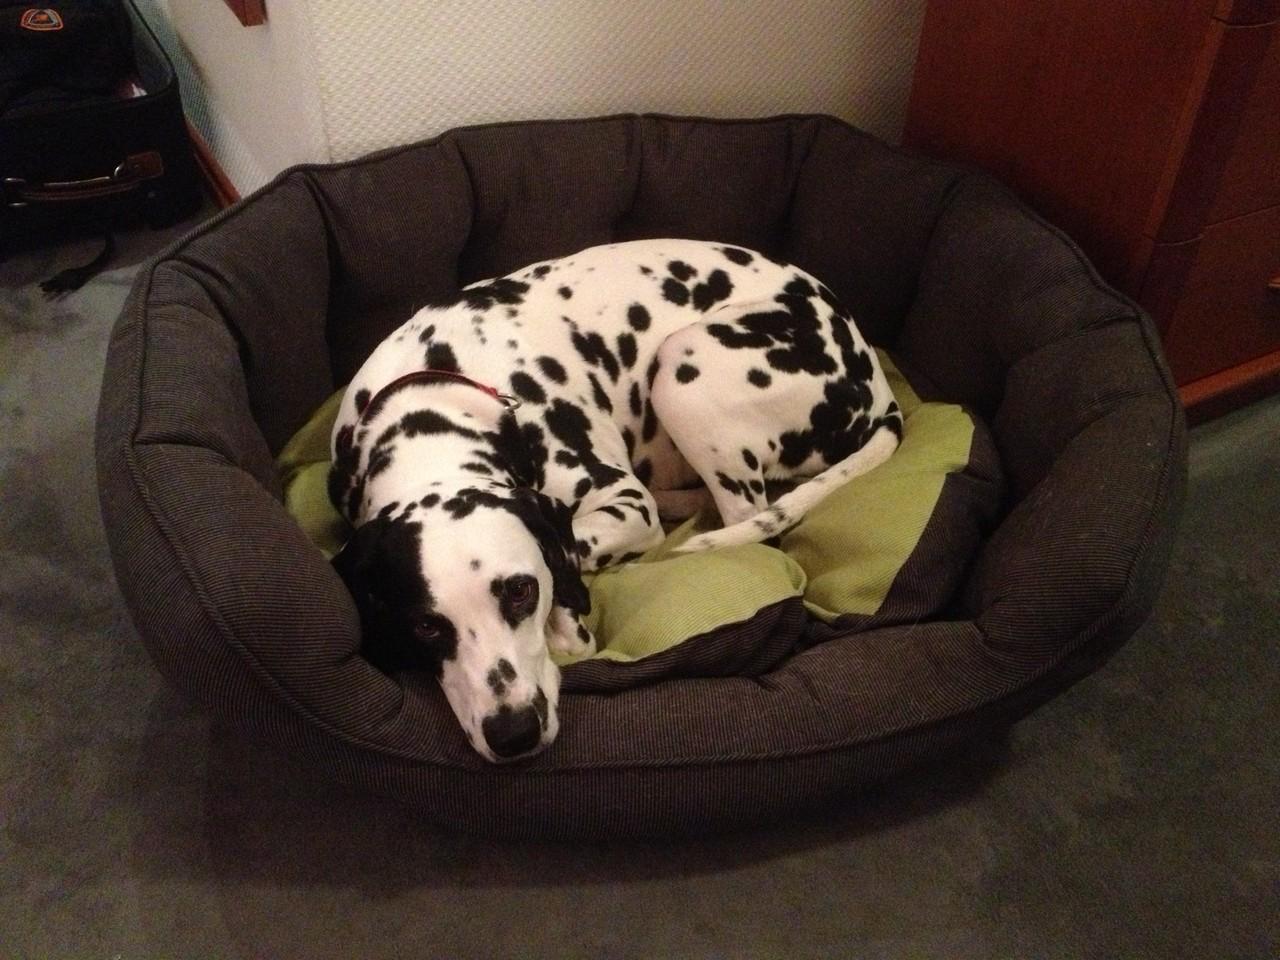 Frauchen, muss ich heute Nacht tatsächlich im Körbchen schlafen???